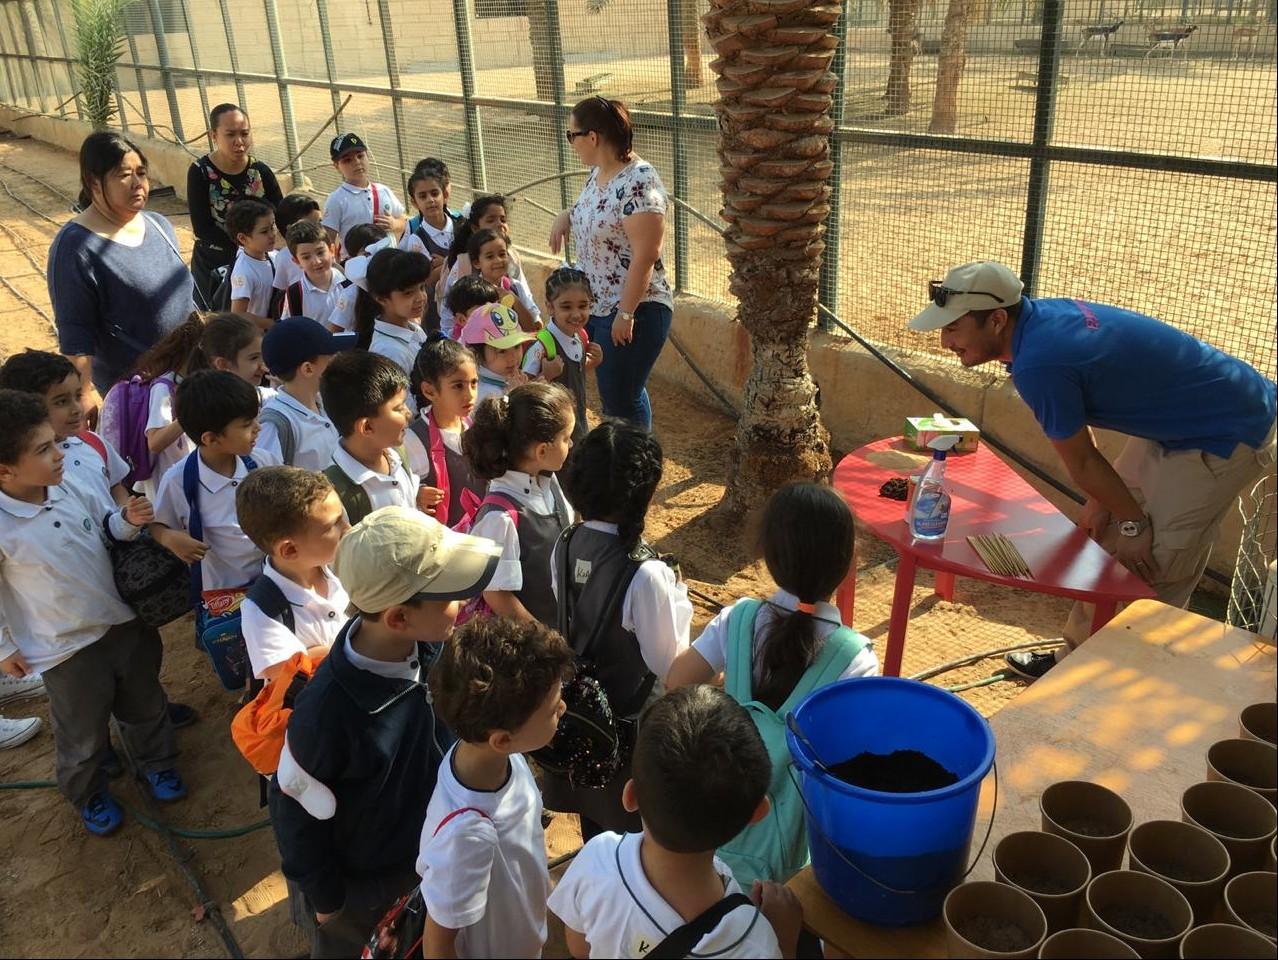 حديقة الإمارات للحيوانات برنامجاً تثقيفياً للأطفال حول الزراعة